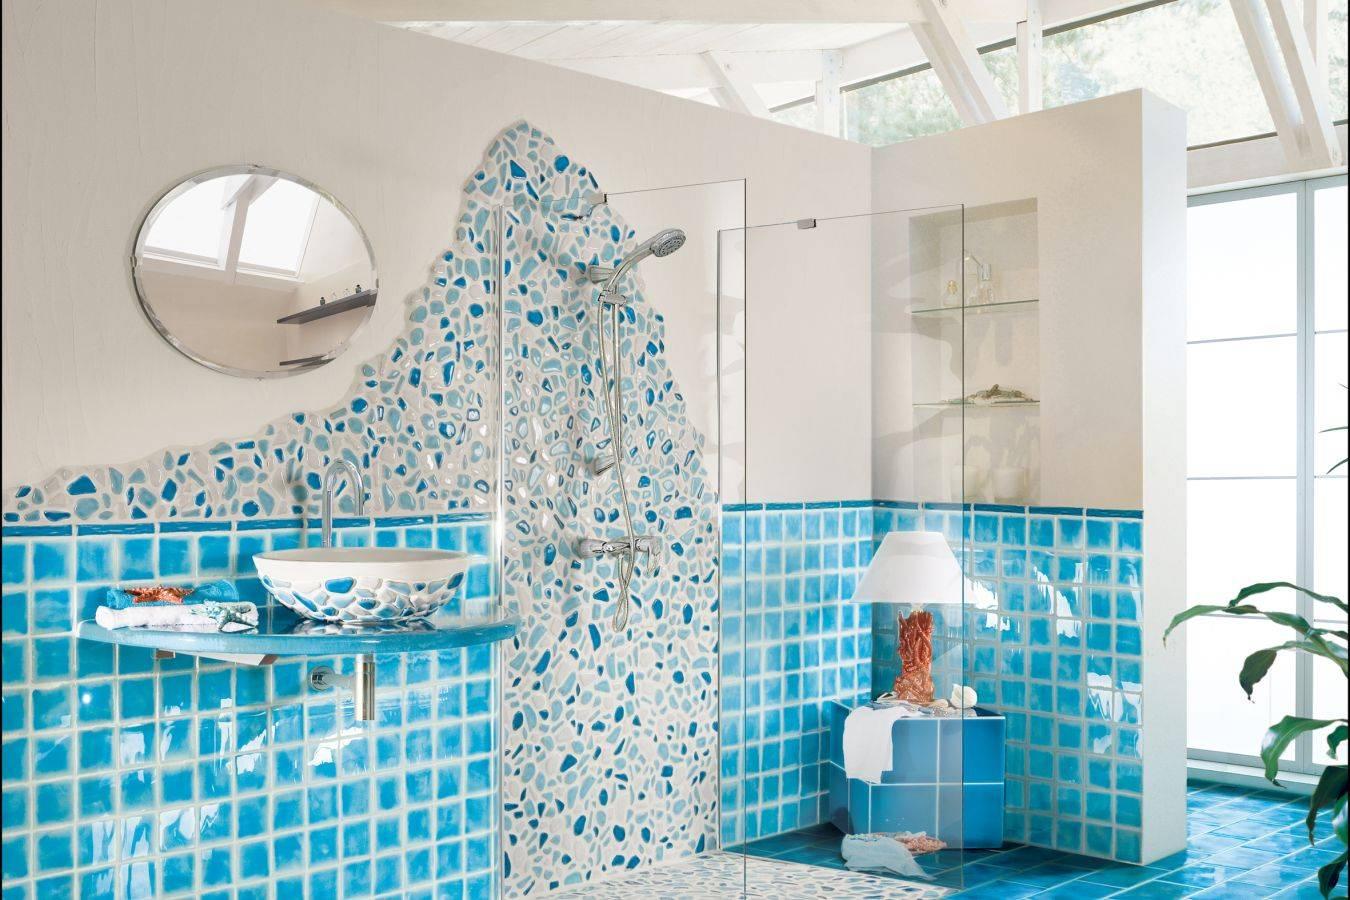 Плитка в гостиной (57 фото): напольная плитка в зале и зеркальная на стене в интерьере, дизайн красивой керамической и другой плитки. отзывы